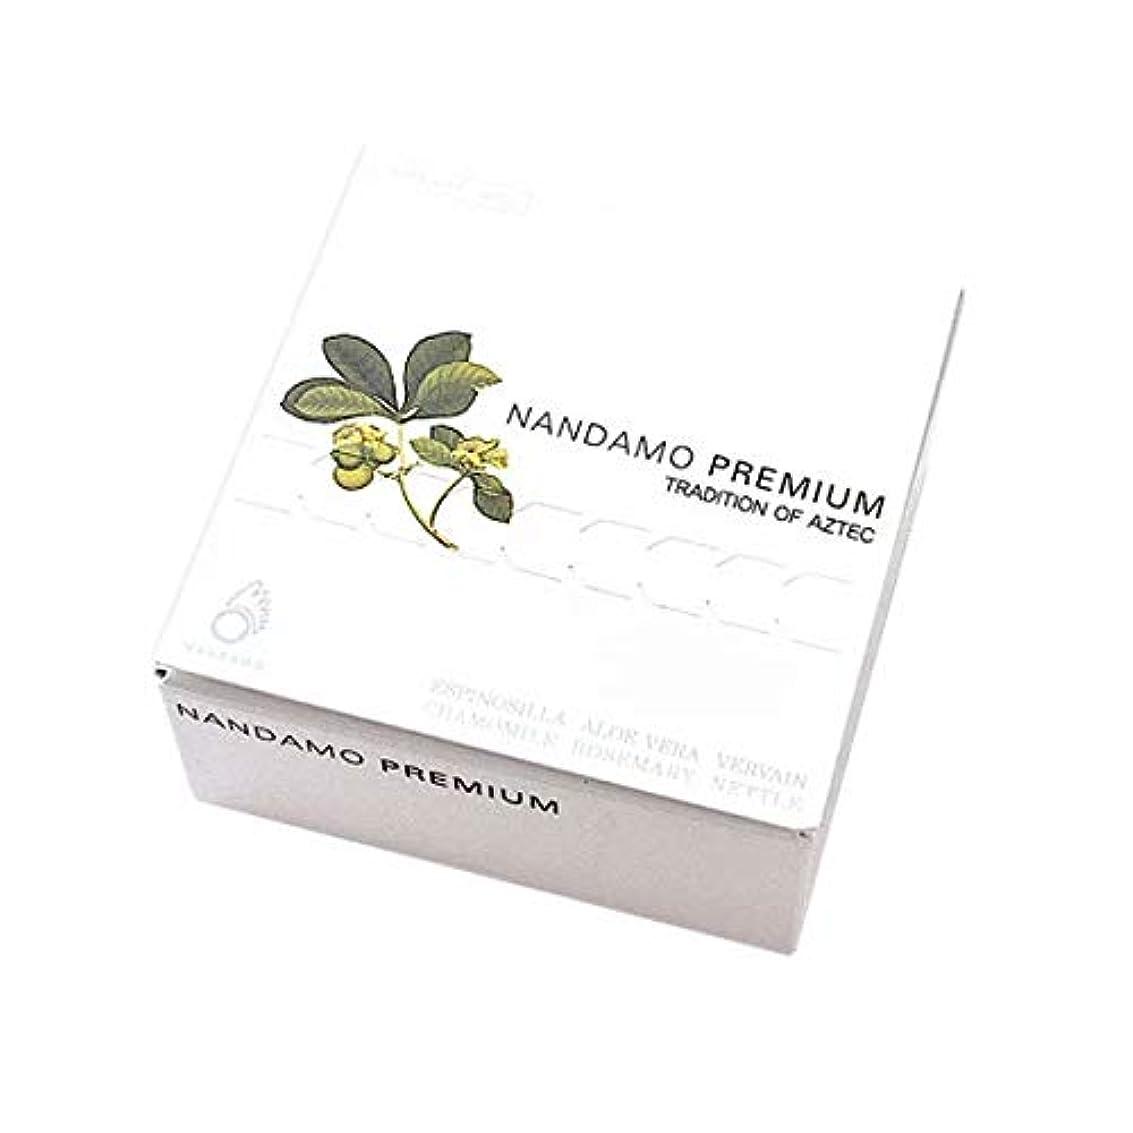 ドライブフィードオン役立つNANDAMO PREMIUM ナンダモプレミアム 天然ハーブ100%石鹸 お得セット 6箱セット + 1箱プレゼント